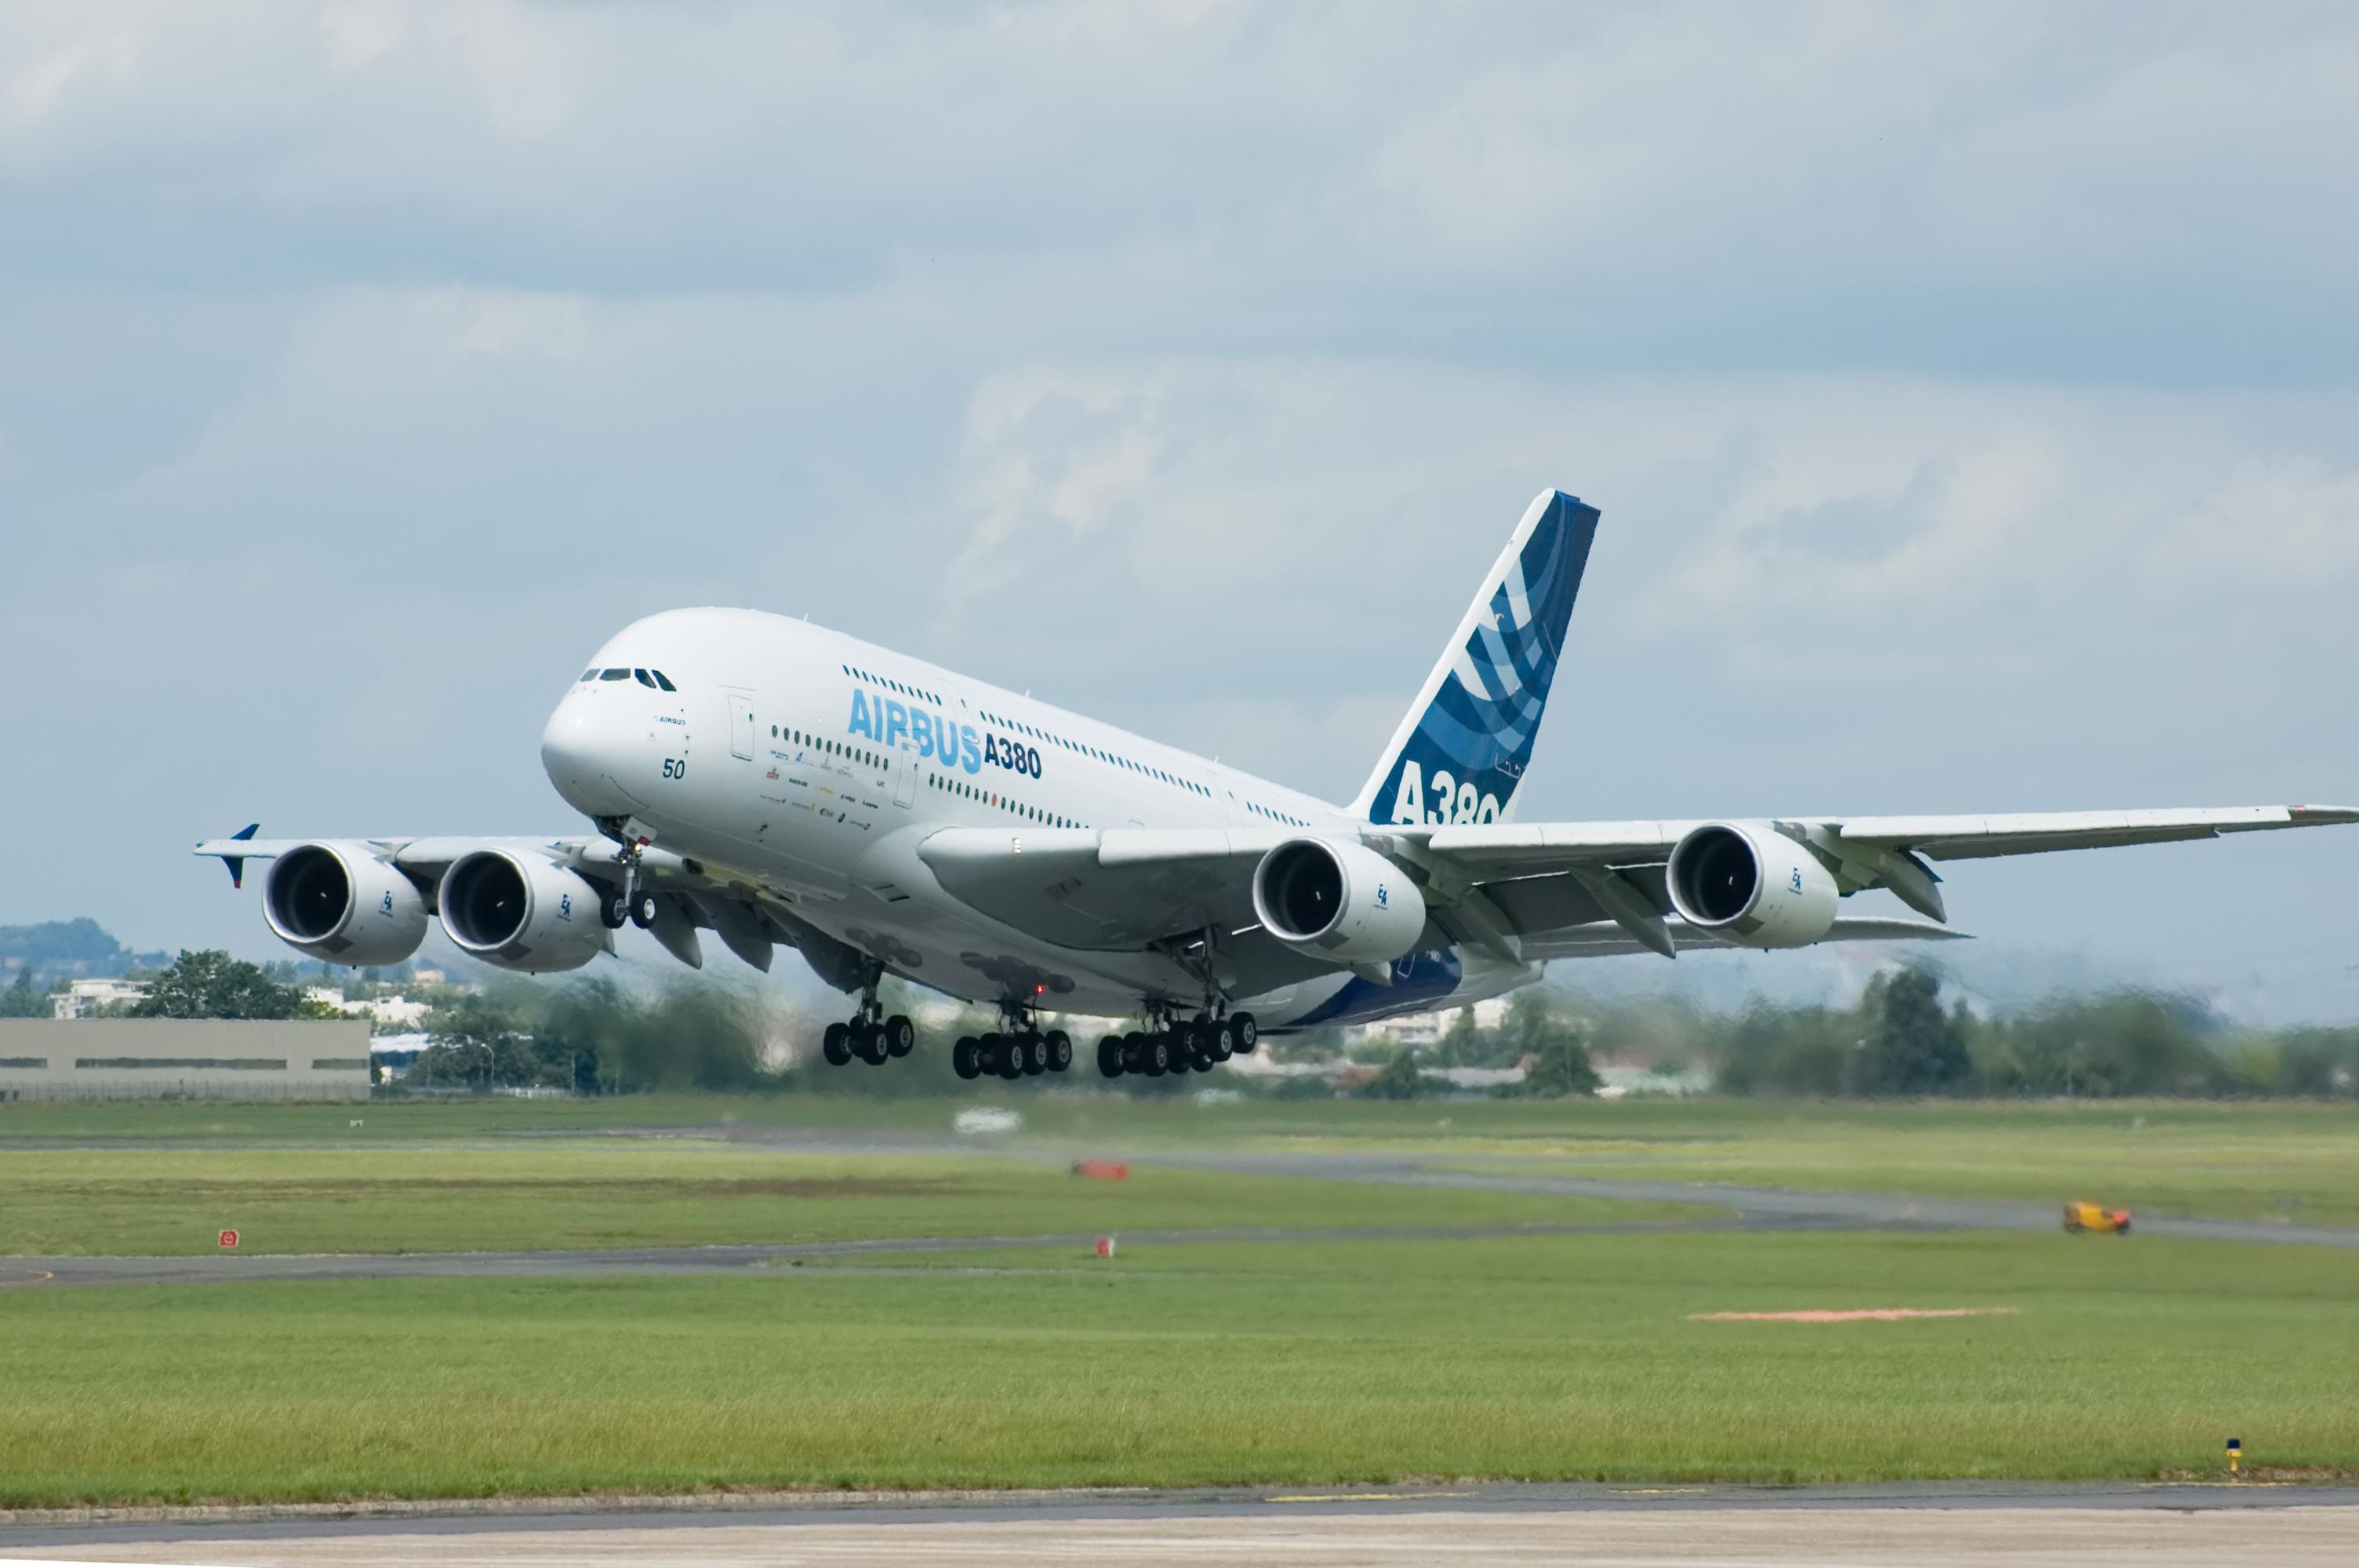 Airbus A380 taking off during Paris Air Show 2007